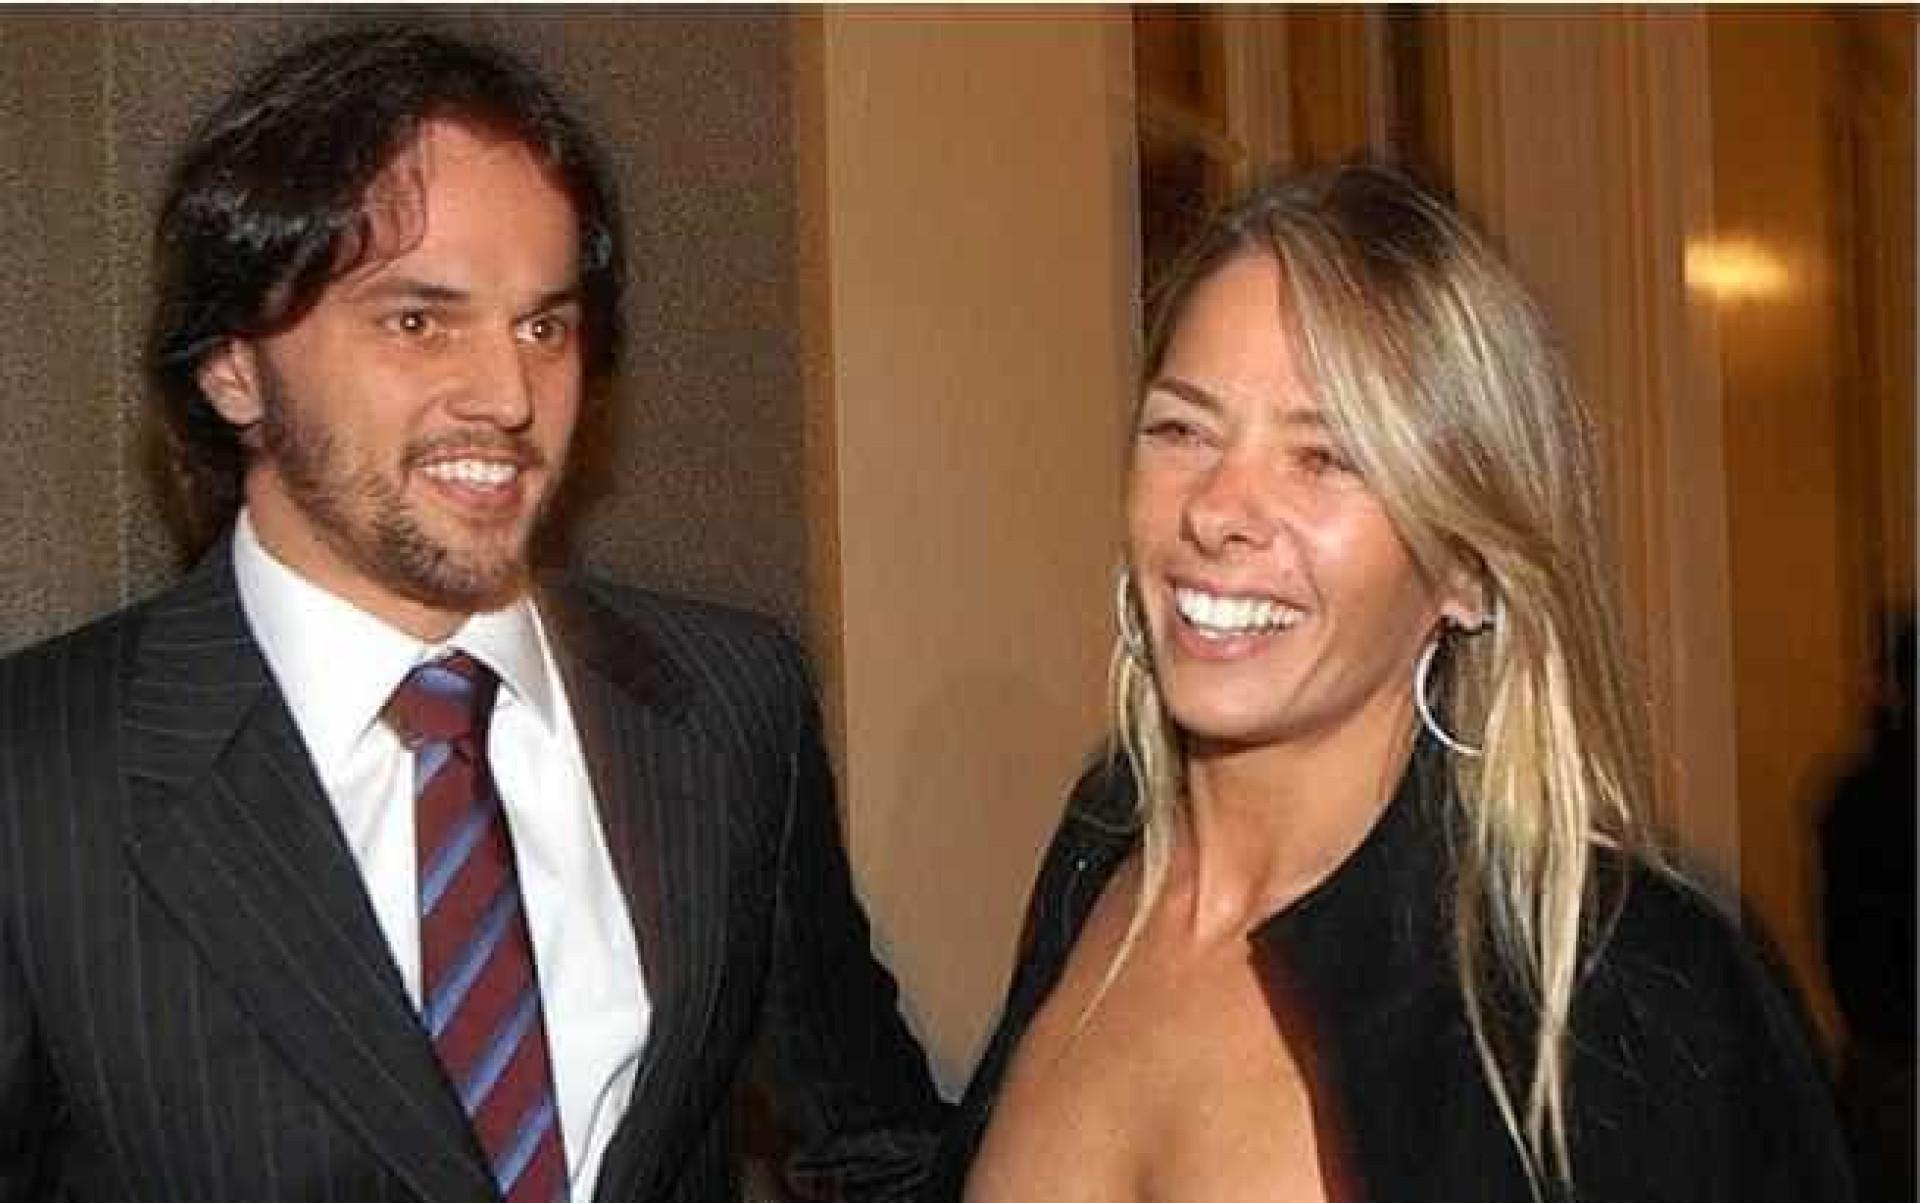 Saiba quem são as famosas que já namoraram com políticos